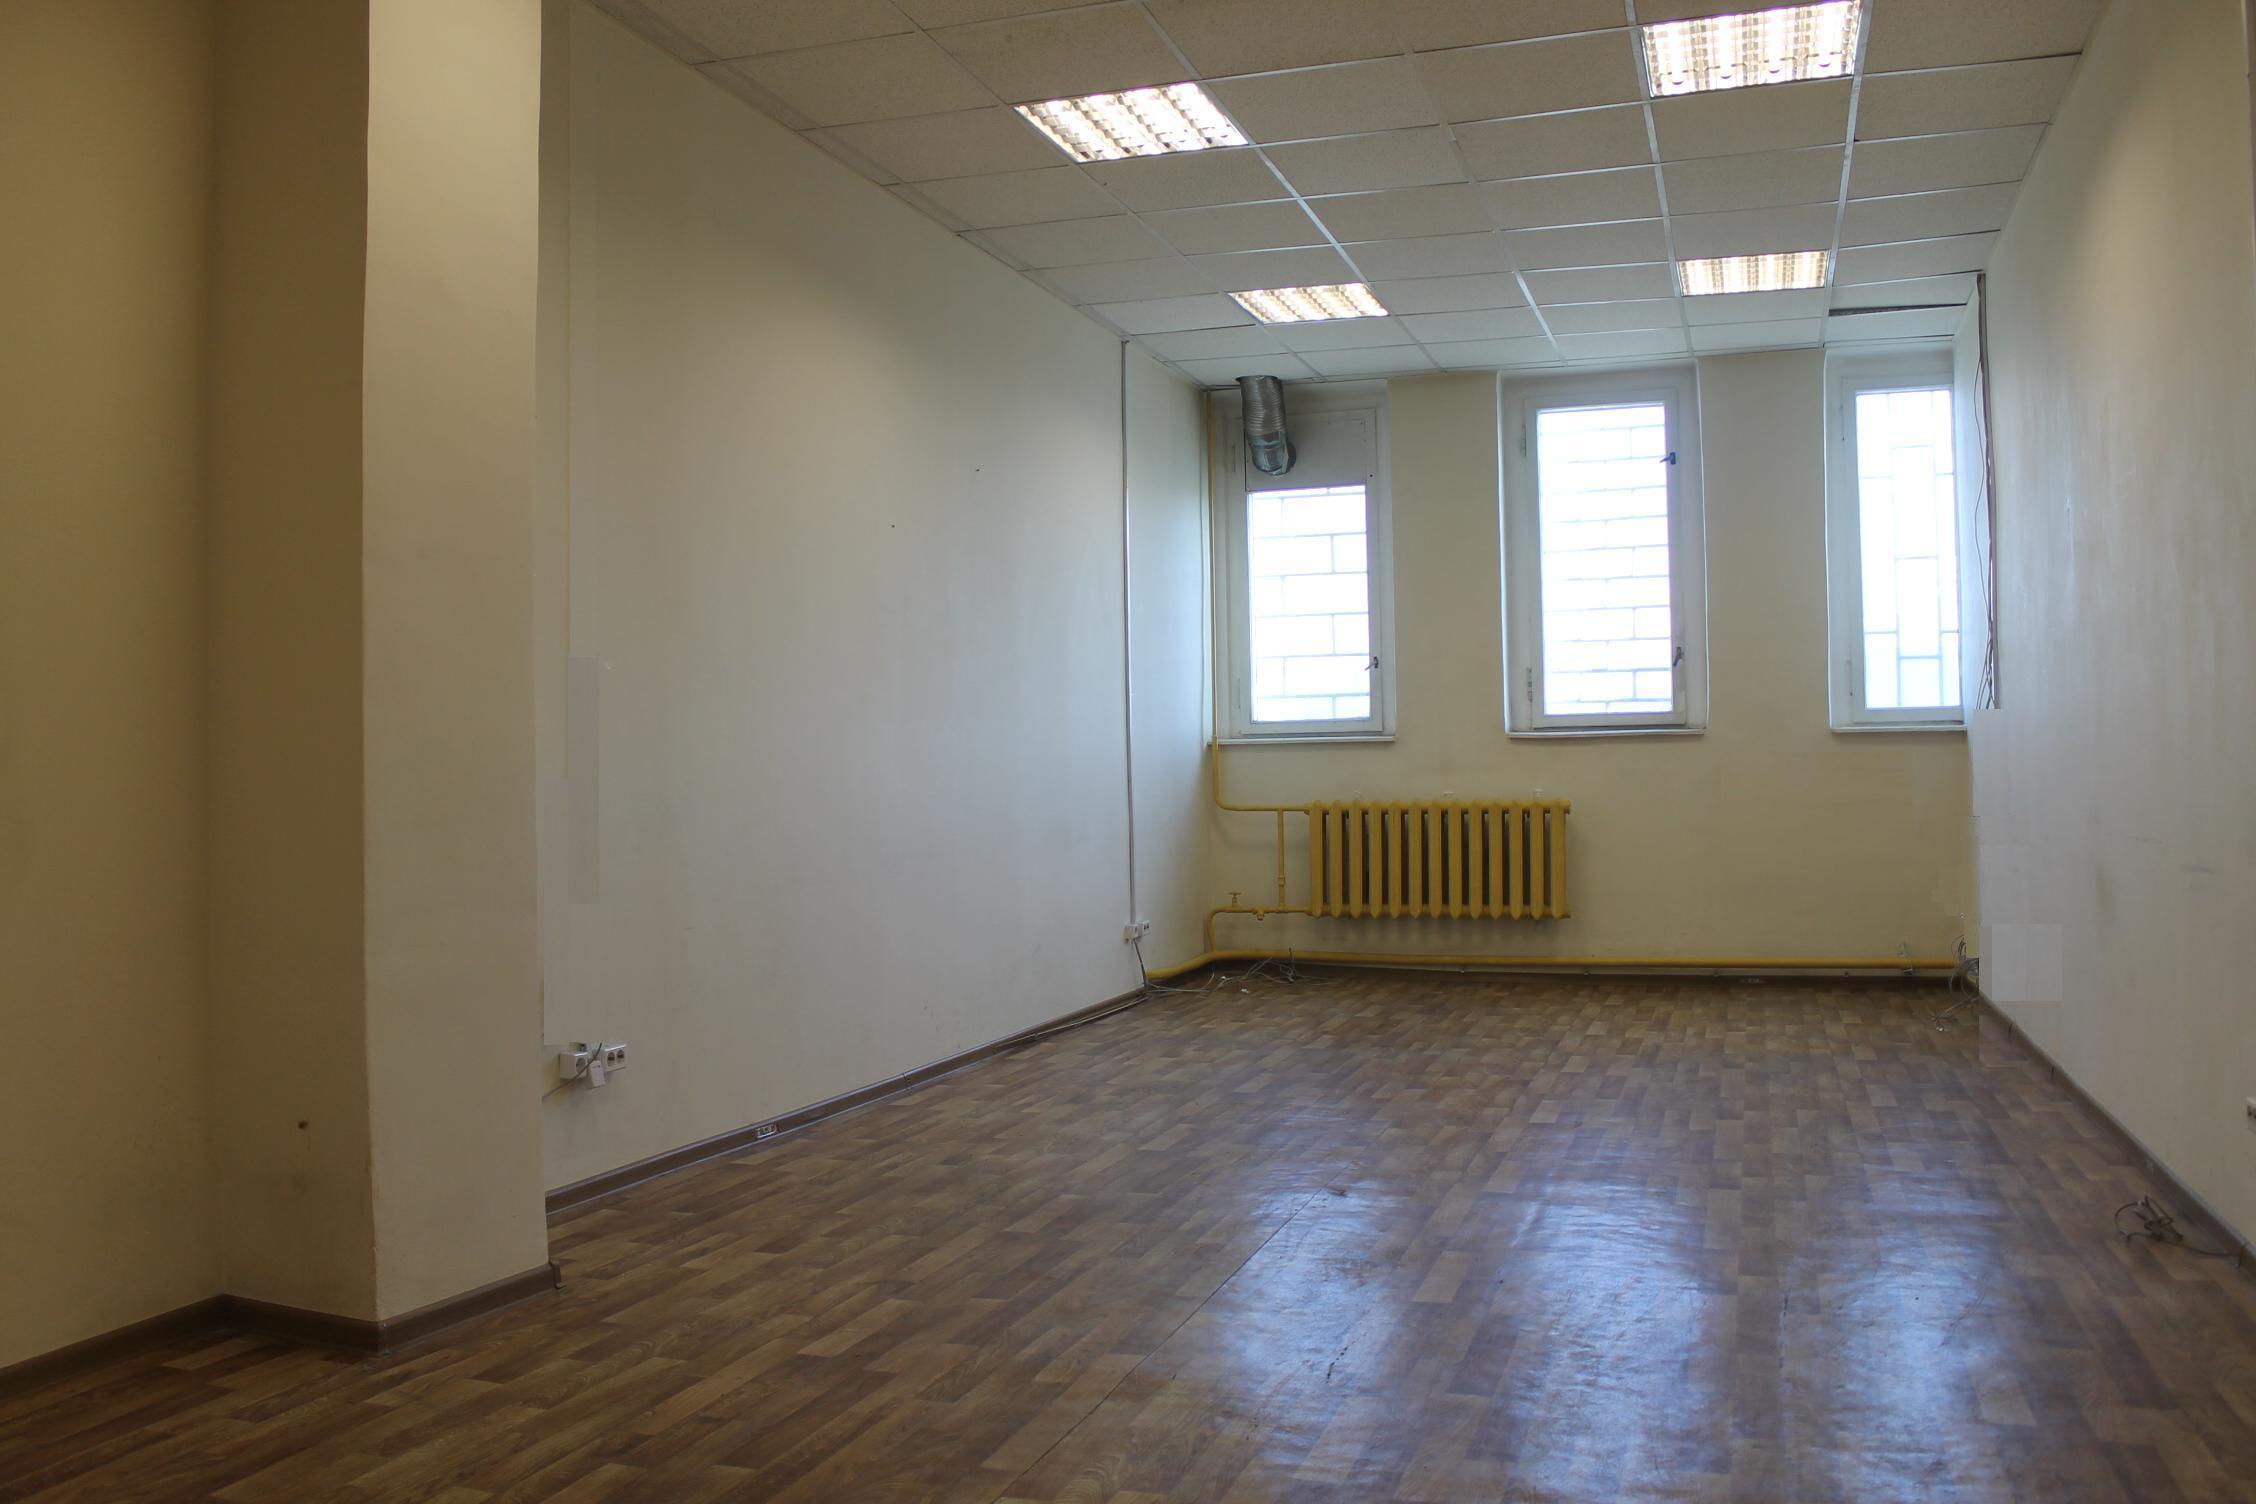 Снять помещение свободного назначения в москве от собственника найти помещение под офис Павла Андреева улица